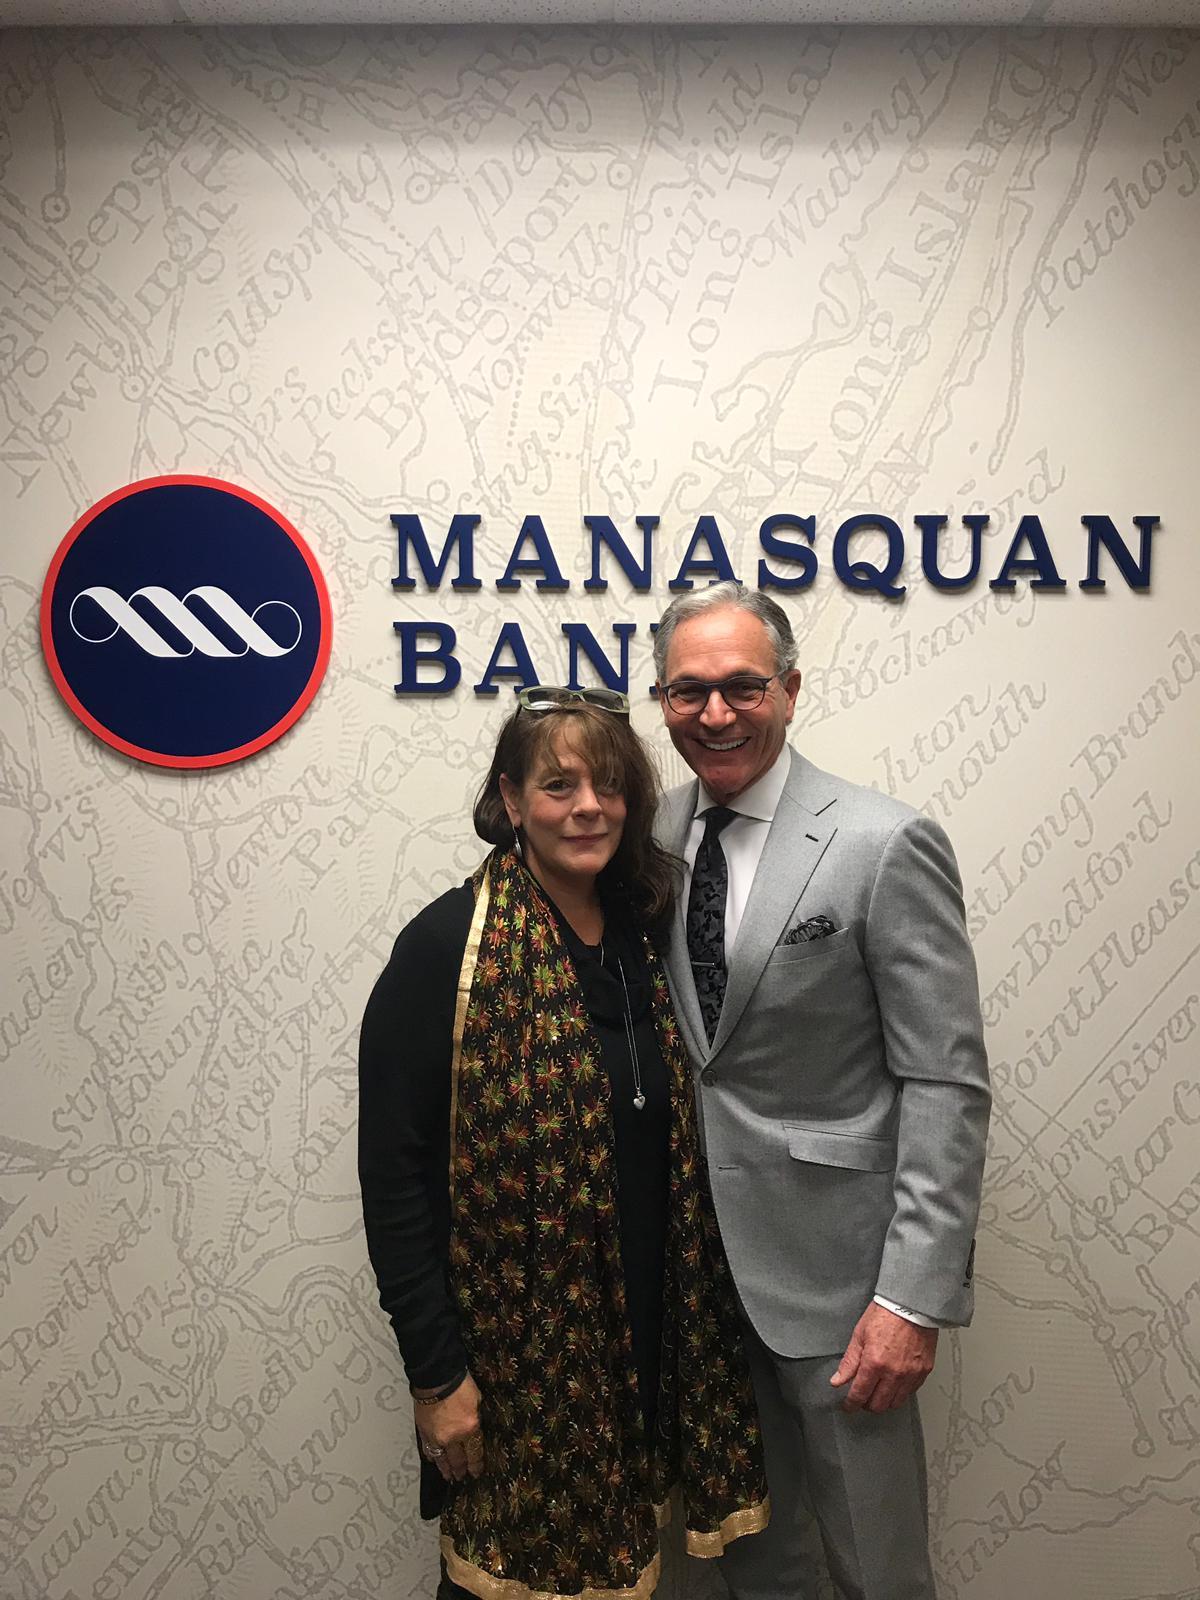 OLTL Receives Manasquan Bank Grant